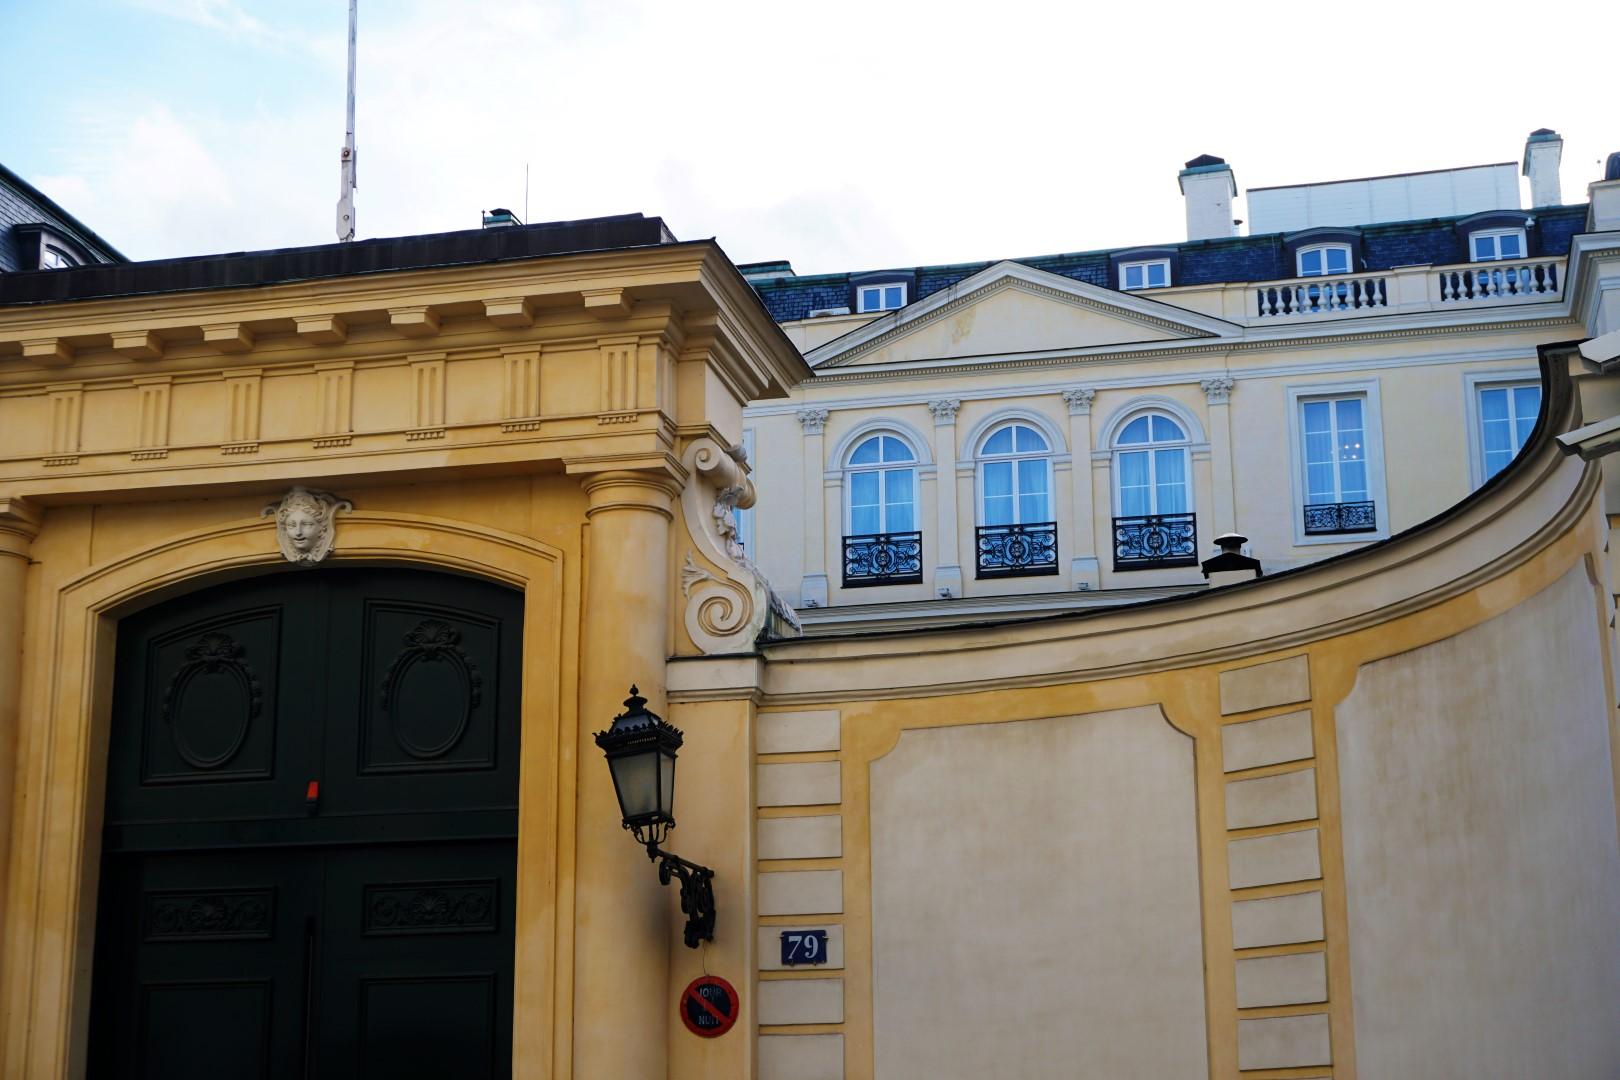 Balade dans le 7e arrondissement de Paris | de Saint Germain des Près au quartier du Gros Caillou - Hôtels particuliers rue de Grenelle